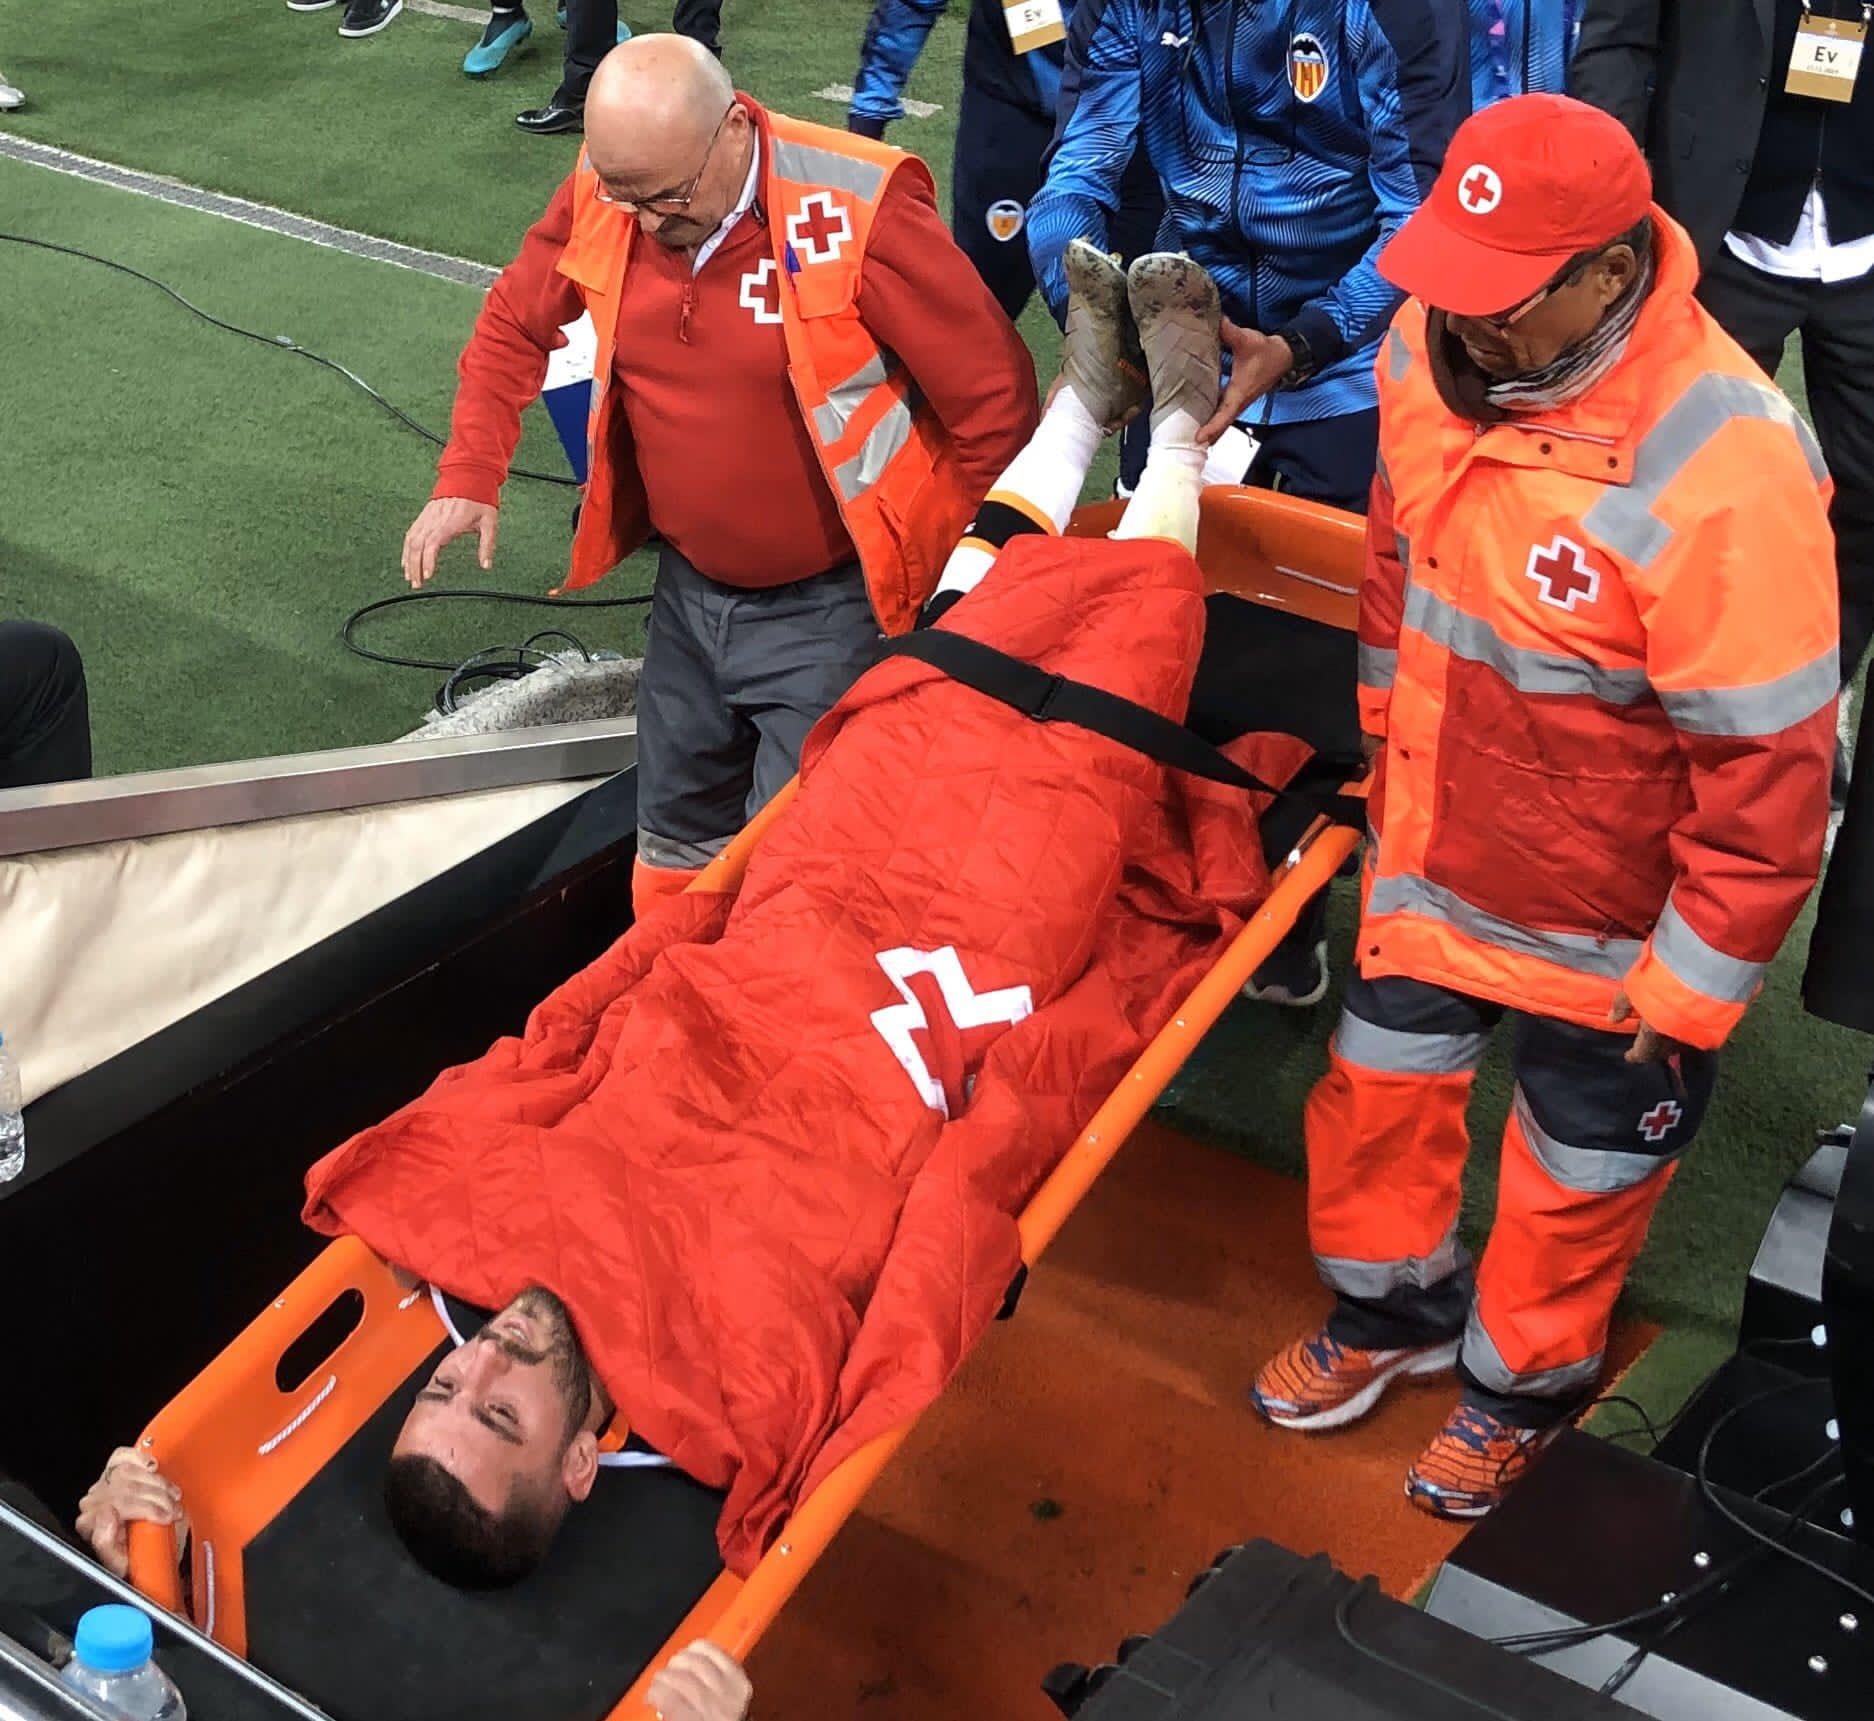 加亚与切尔西赛后因低血糖瘫倒,不过只是虚惊一场